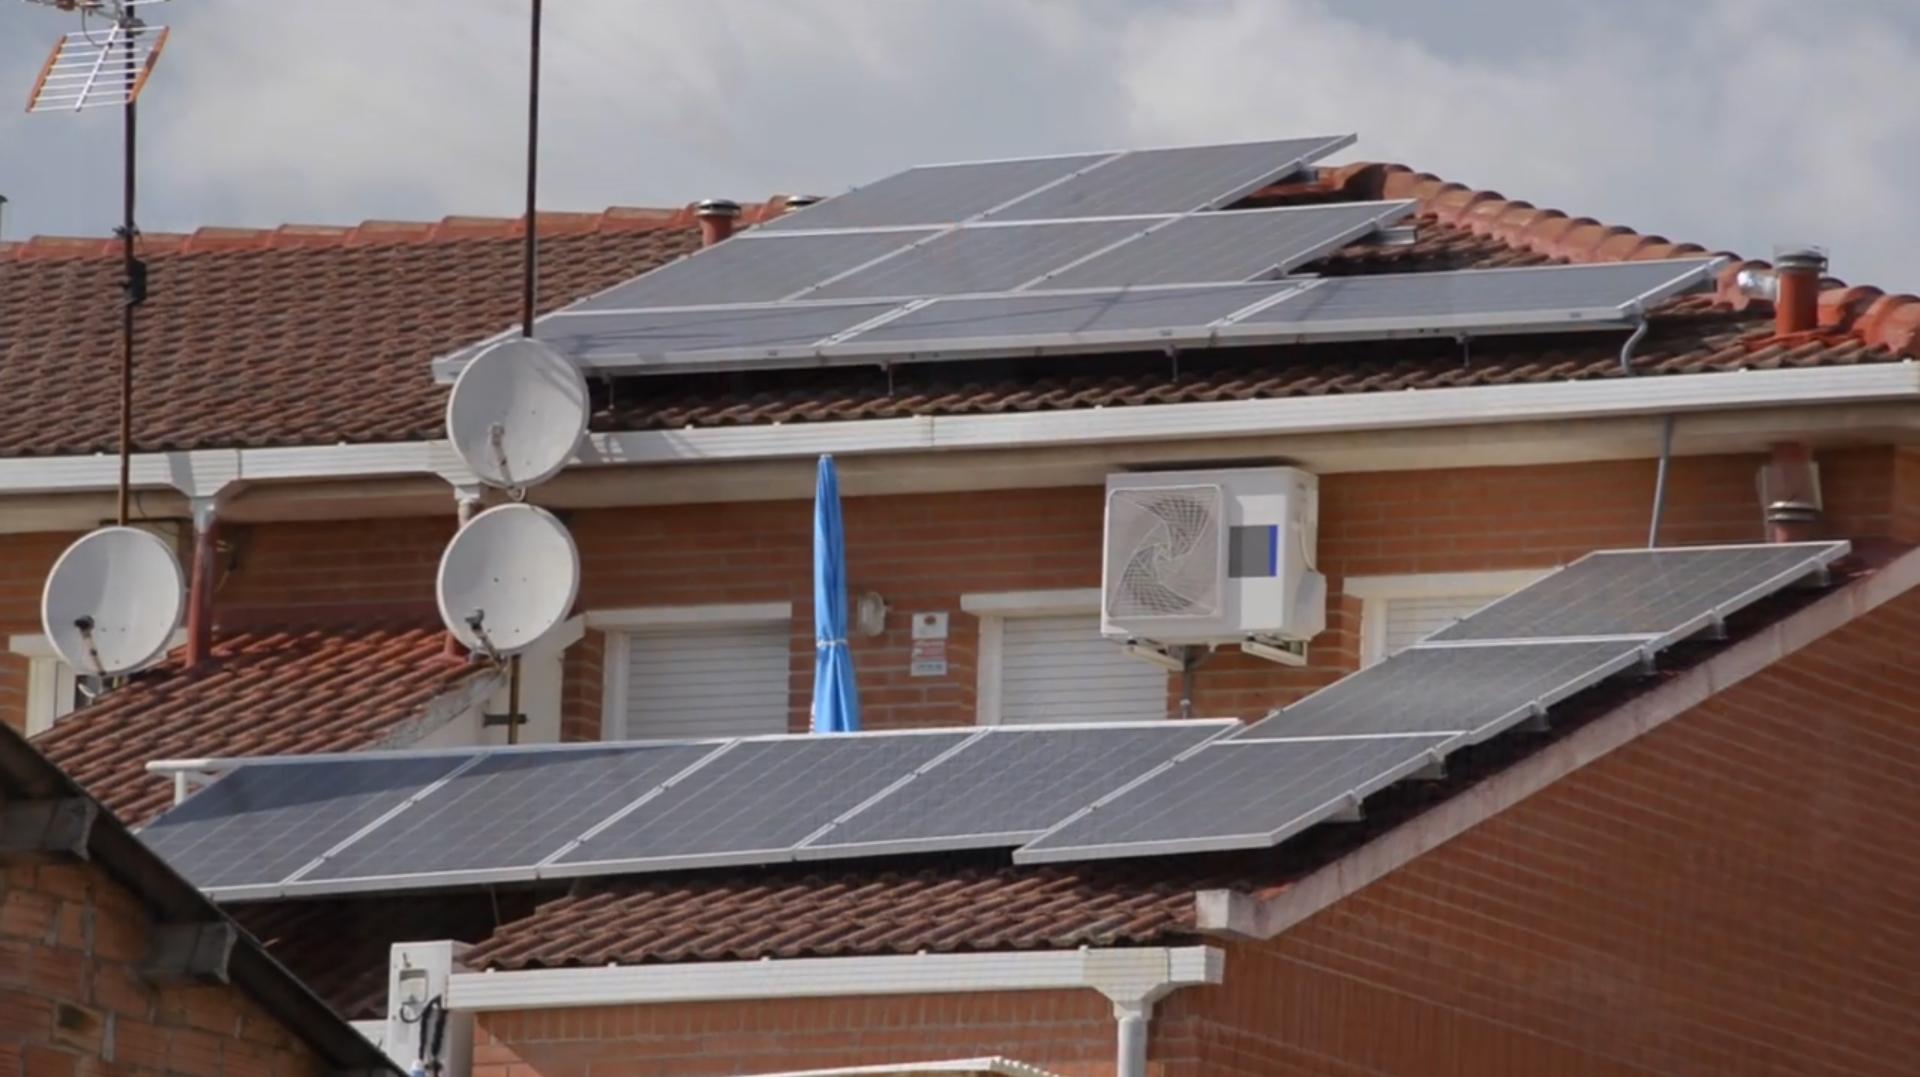 Instal·lació fotovoltaica d'autoconsum de 4kW a Santpedor